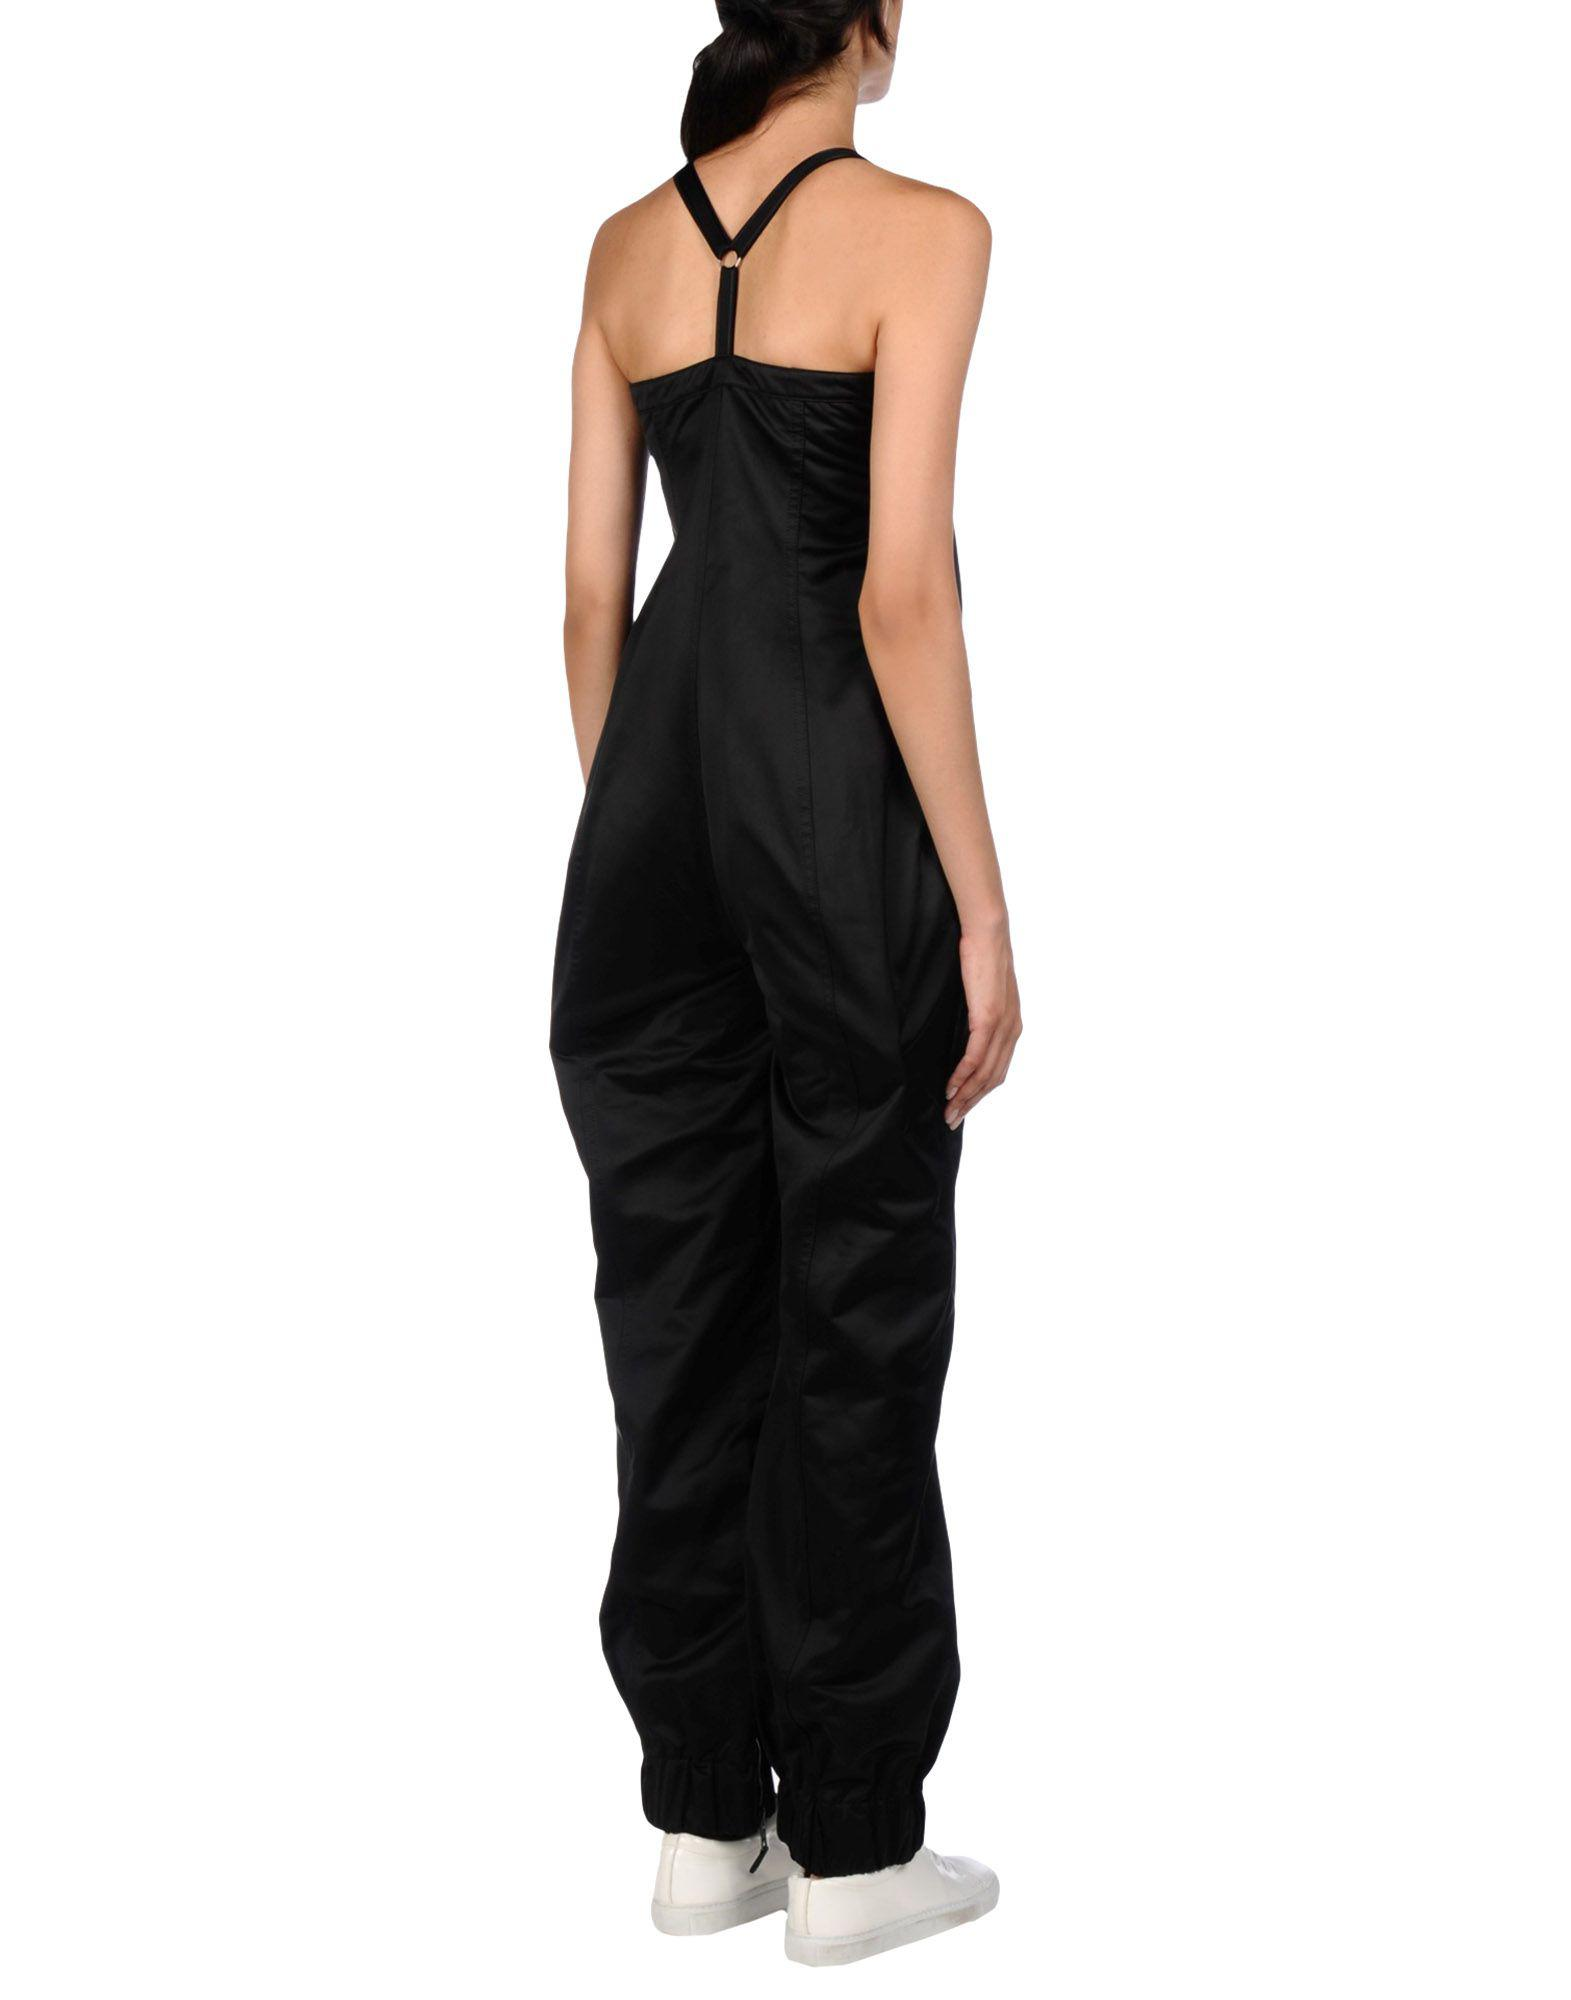 5c2dc044e0 Lyst - PUMA Jumpsuit in Black